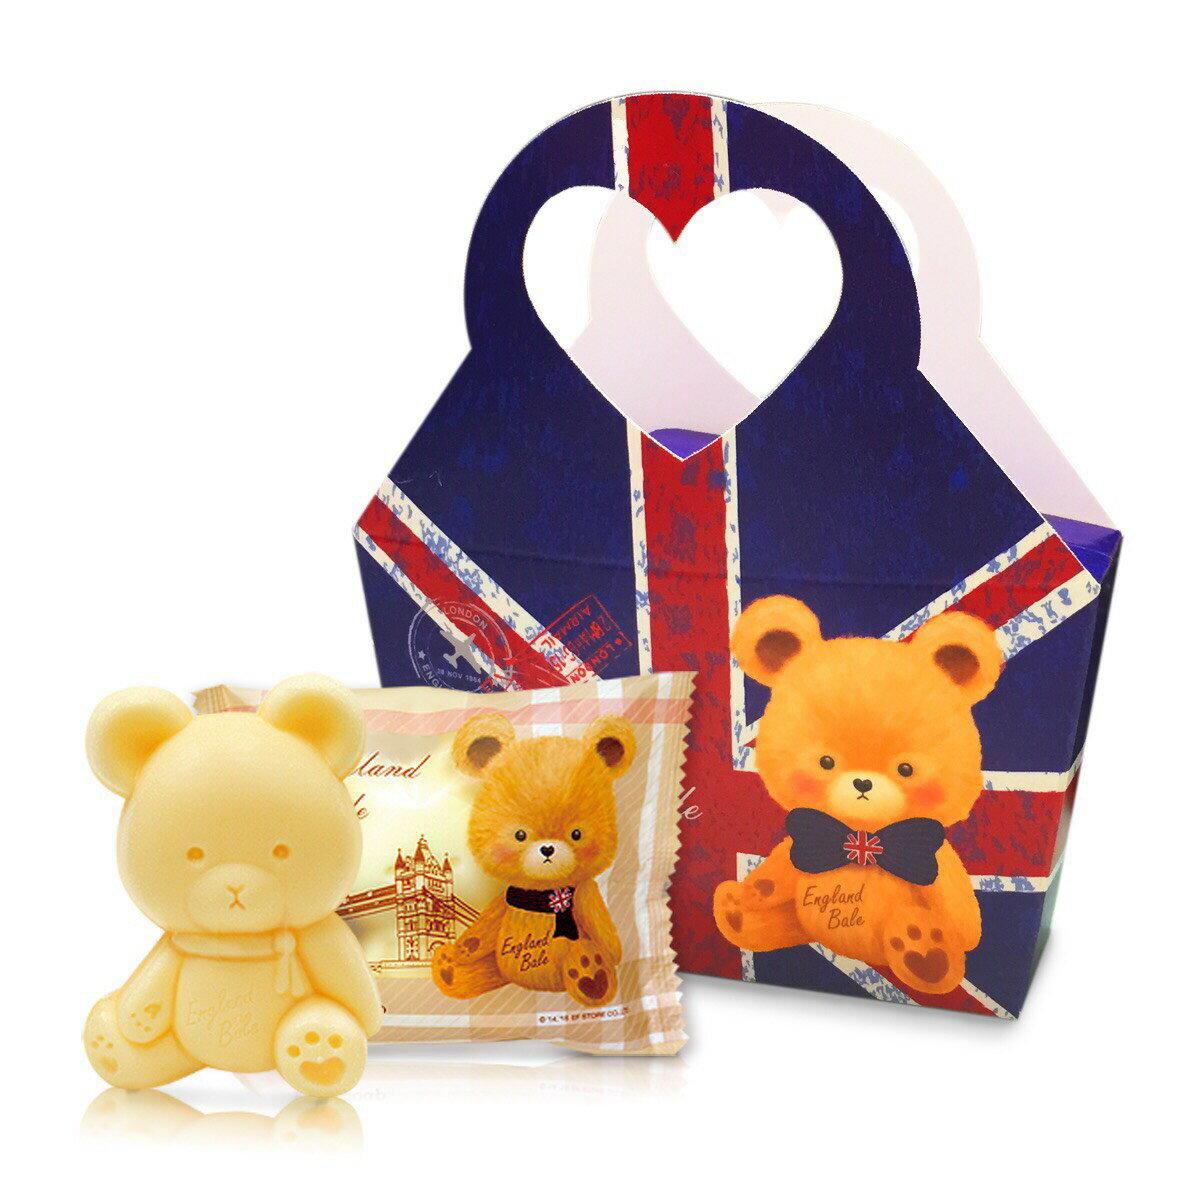 英倫貝爾小熊香氛抗菌皂-國旗款 個別造型提盒包裝 適合婚禮小物/送客禮/贈品